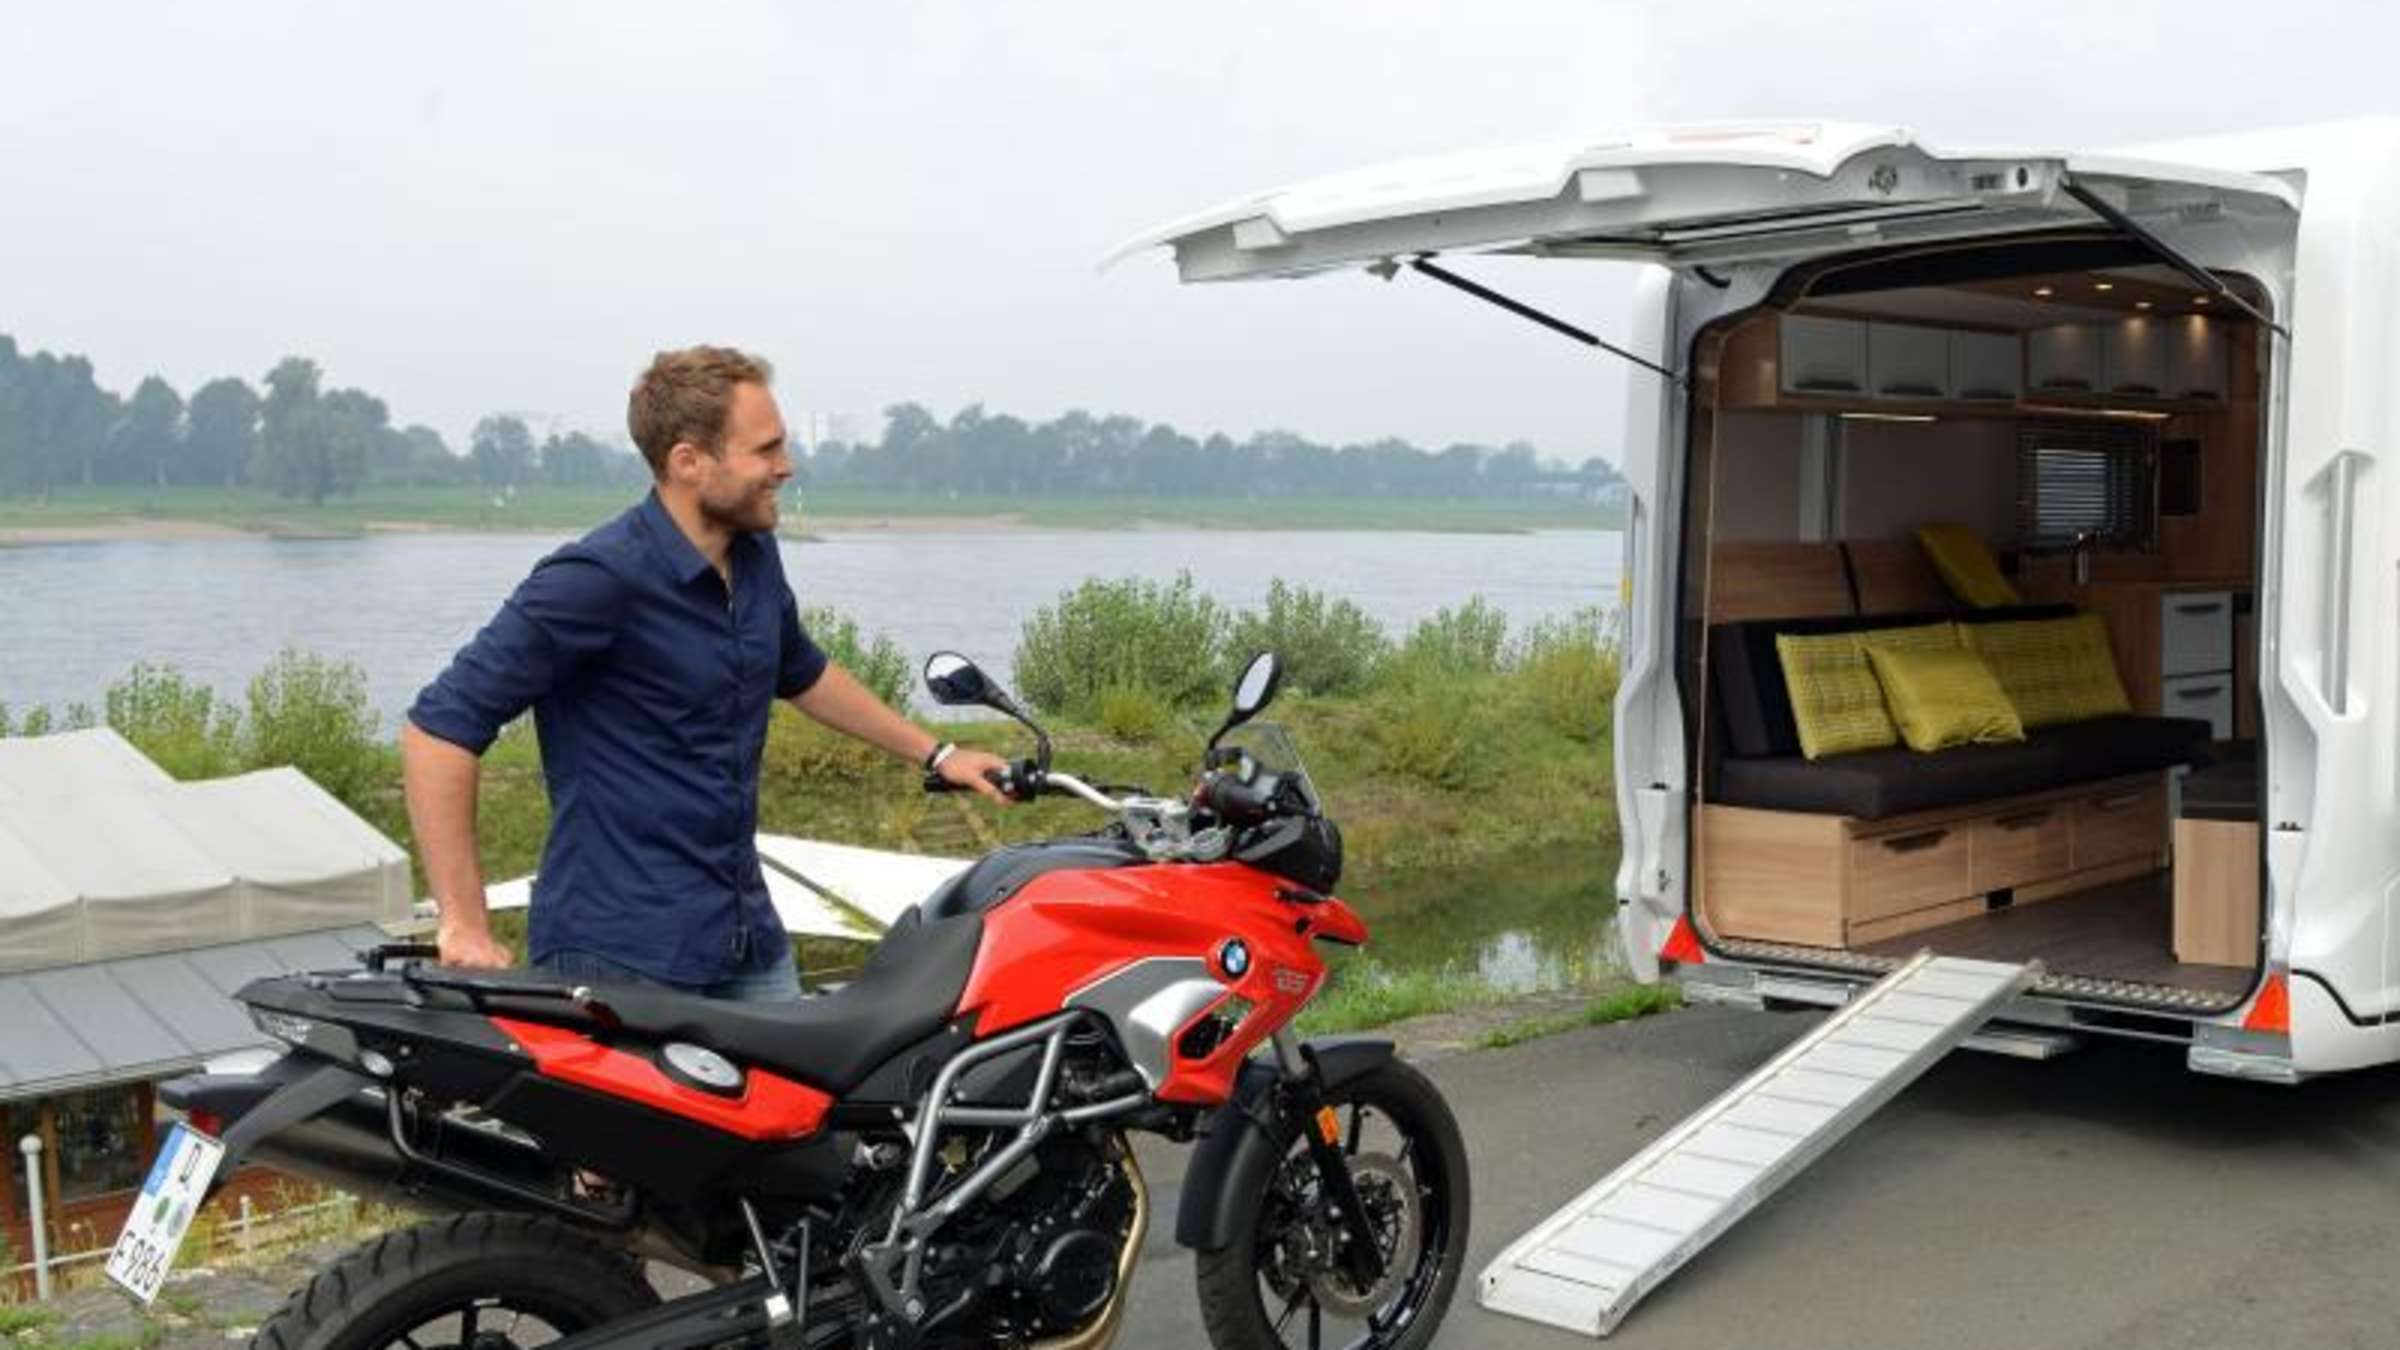 Fahrrad & Motorrad im Wohnmobil mitnehmen? Darauf sollten Sie